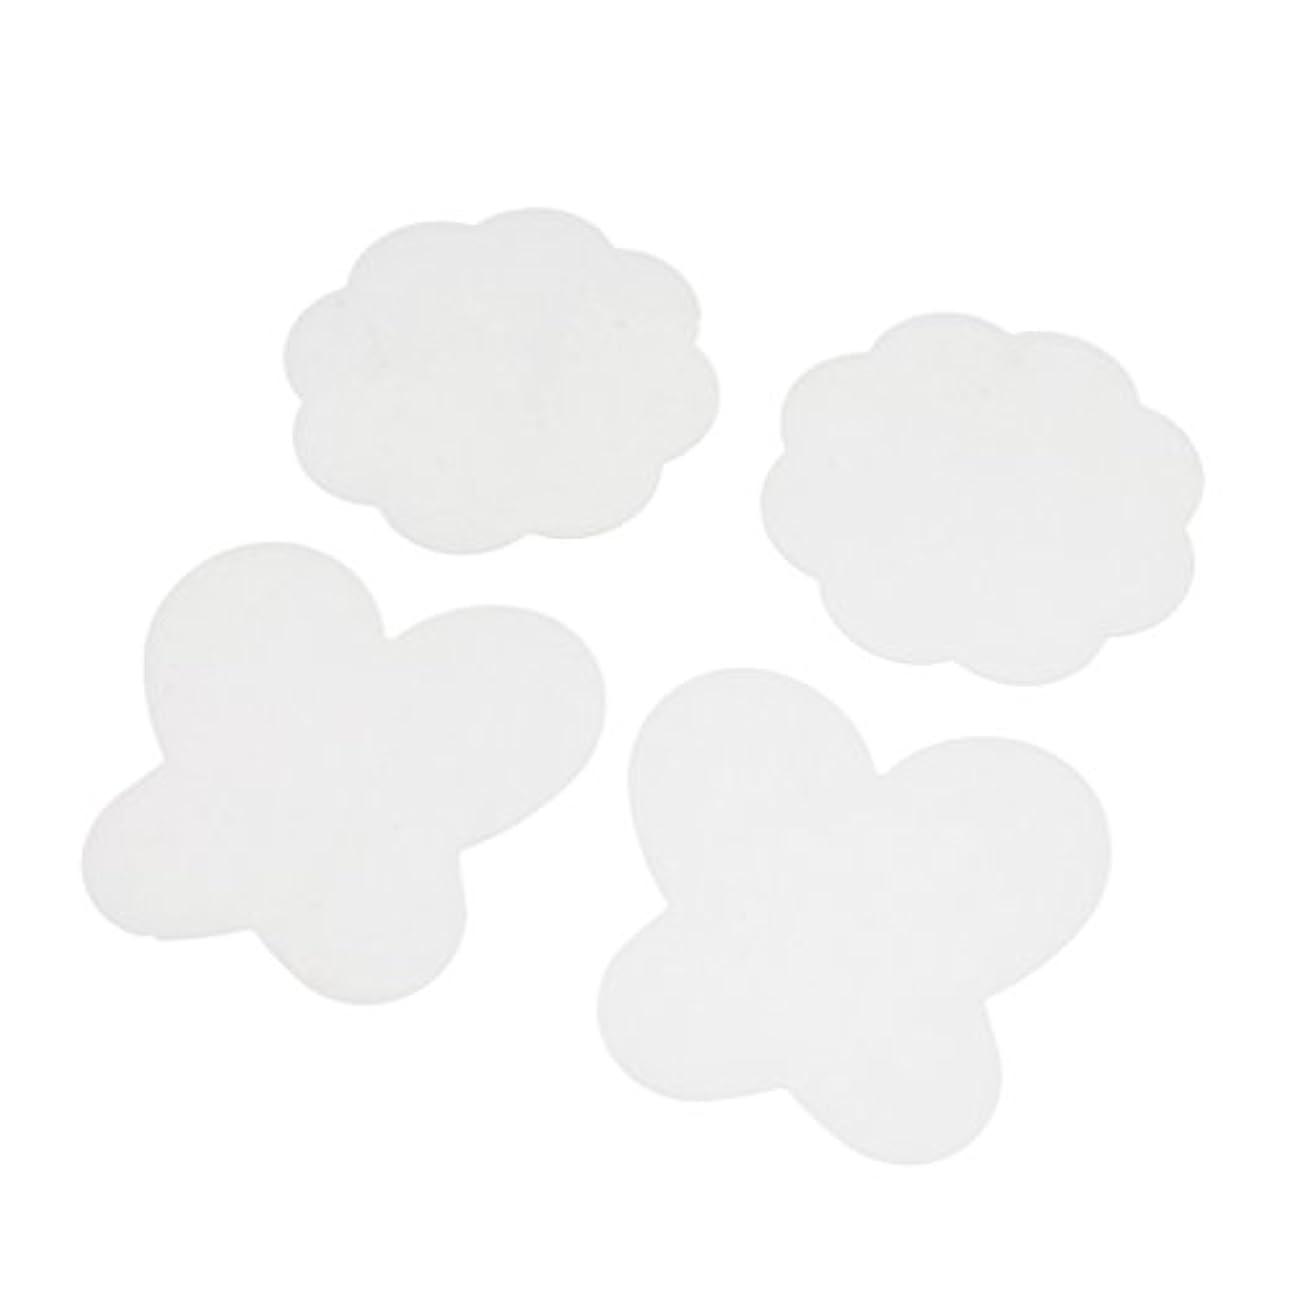 Perfeclan 4個入 シリコン ミキシングペイント マット パレットマット 折り畳み式 洗える ネイルアートパッド 全4色 - クリア